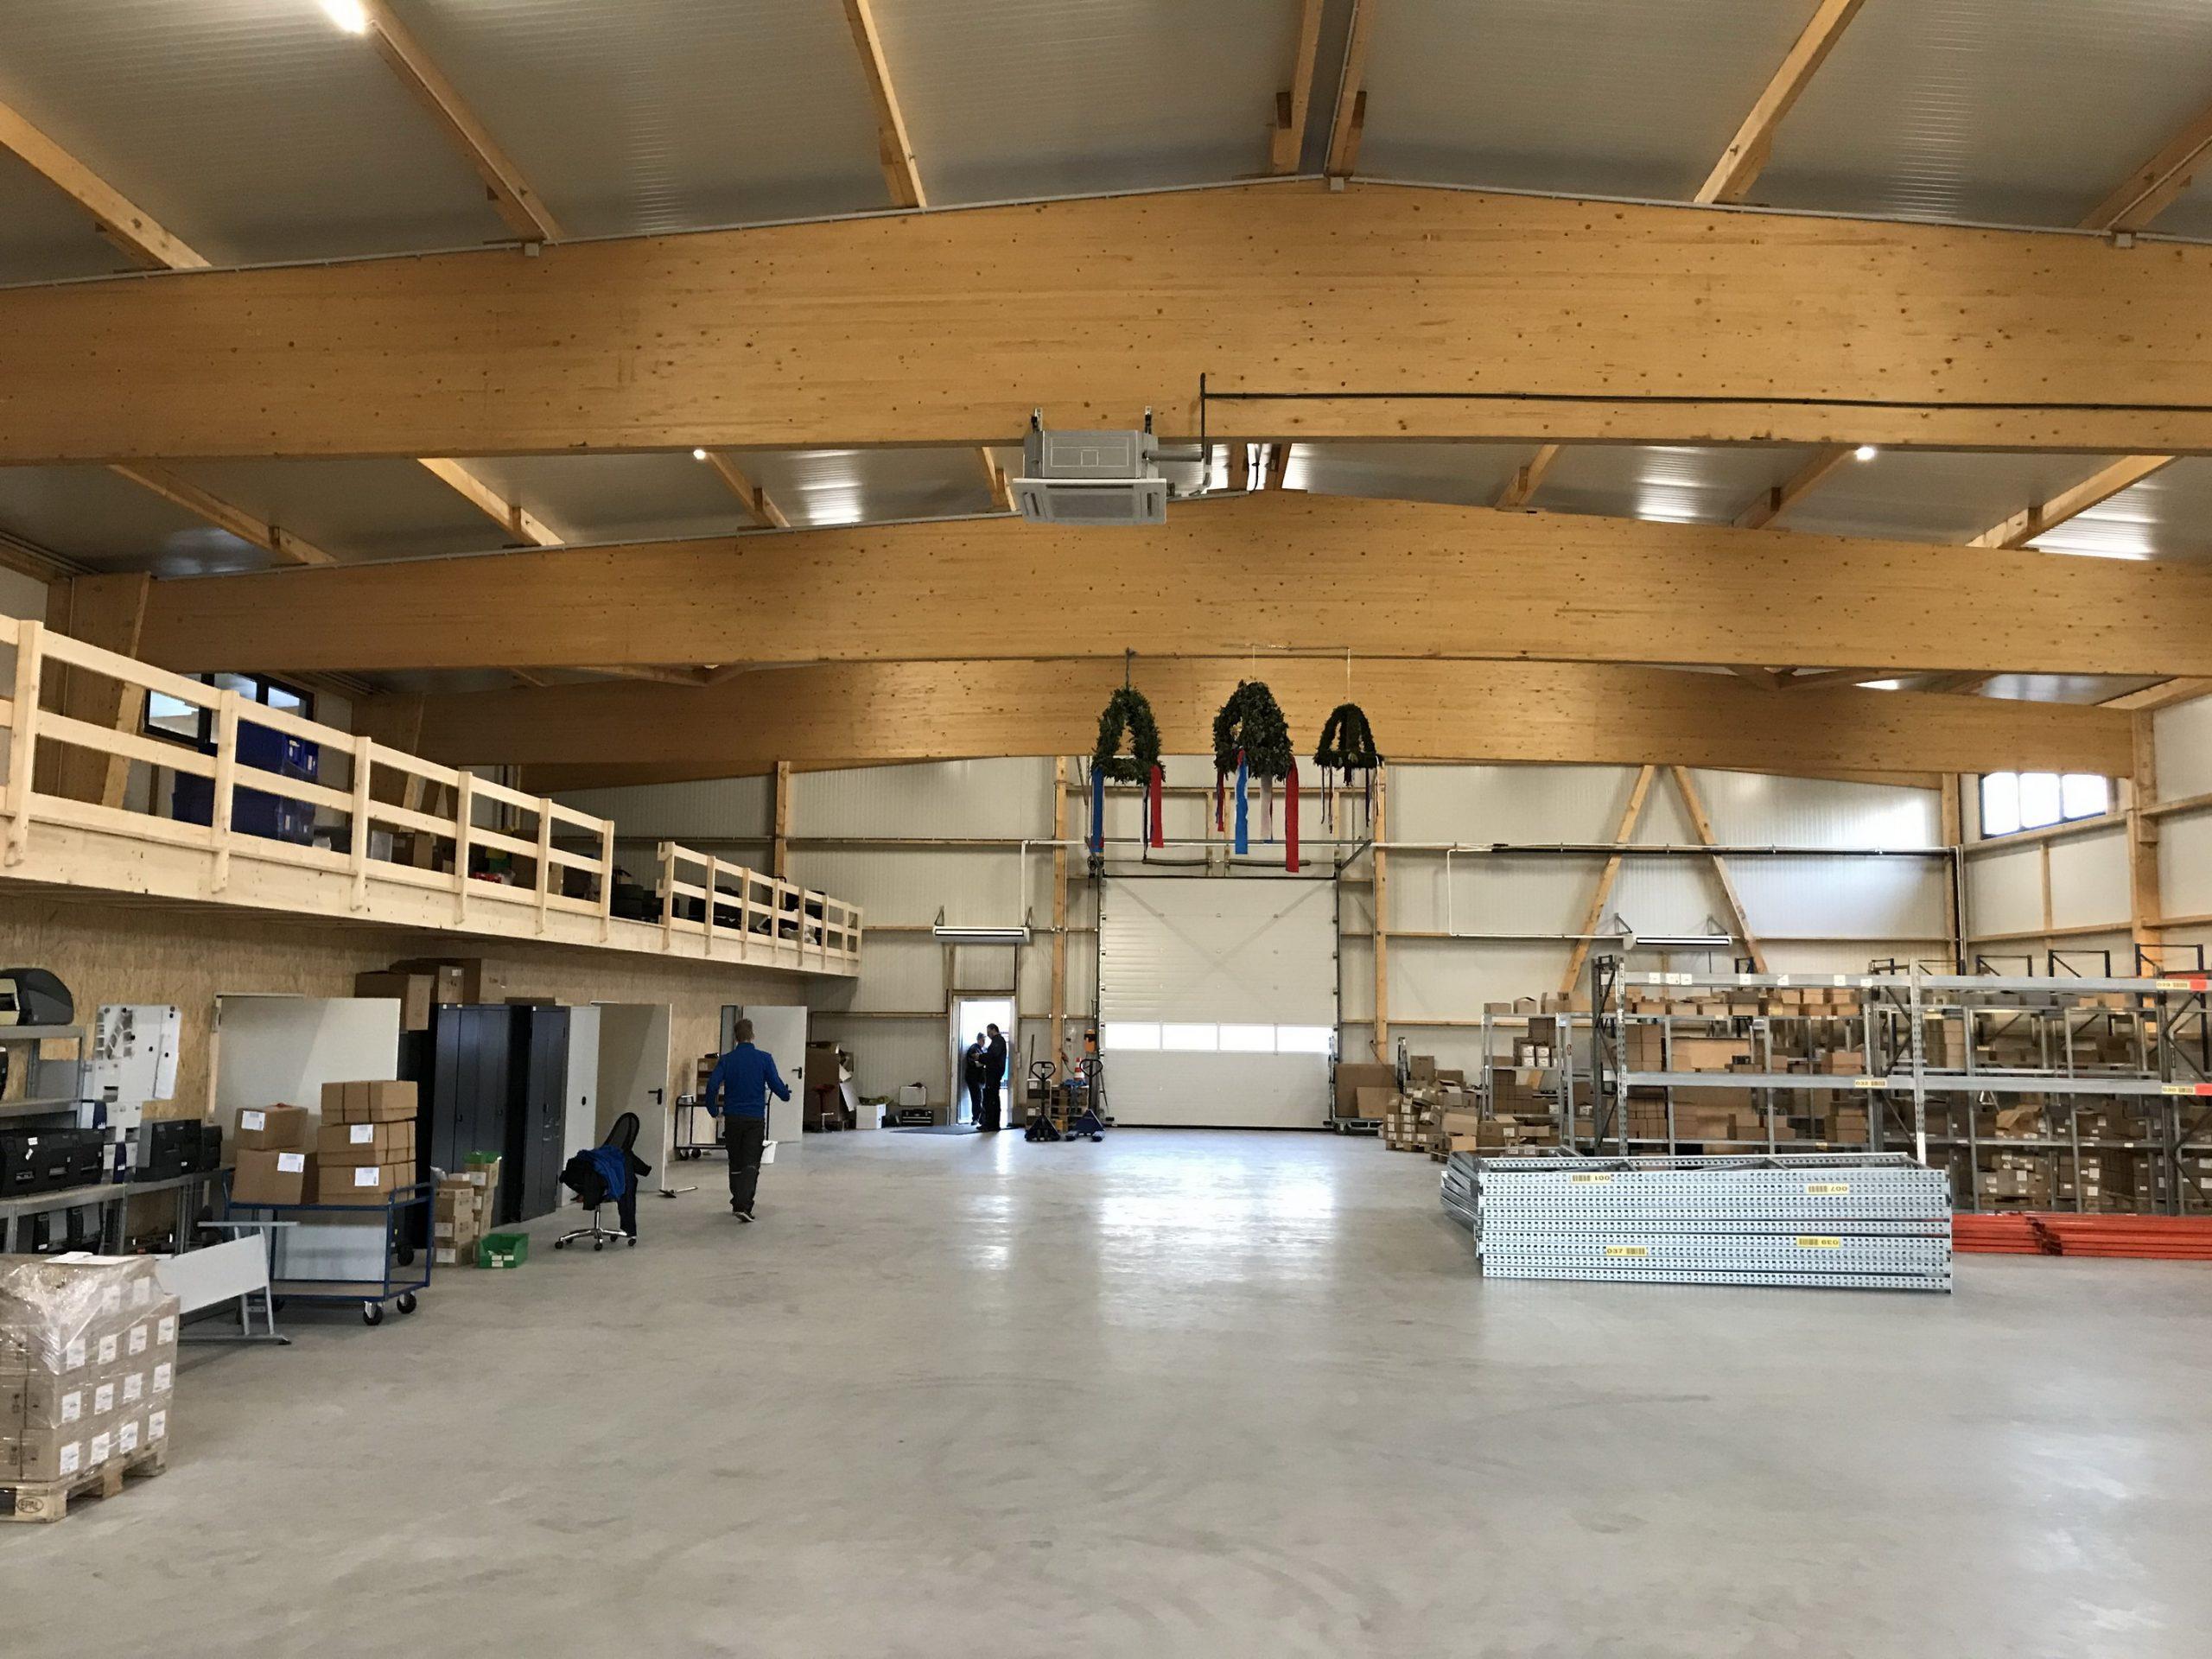 Brettschichtholz Satteldachbinder Gewerbehalle Lagerhalle Leimholz Dachkonstruktion